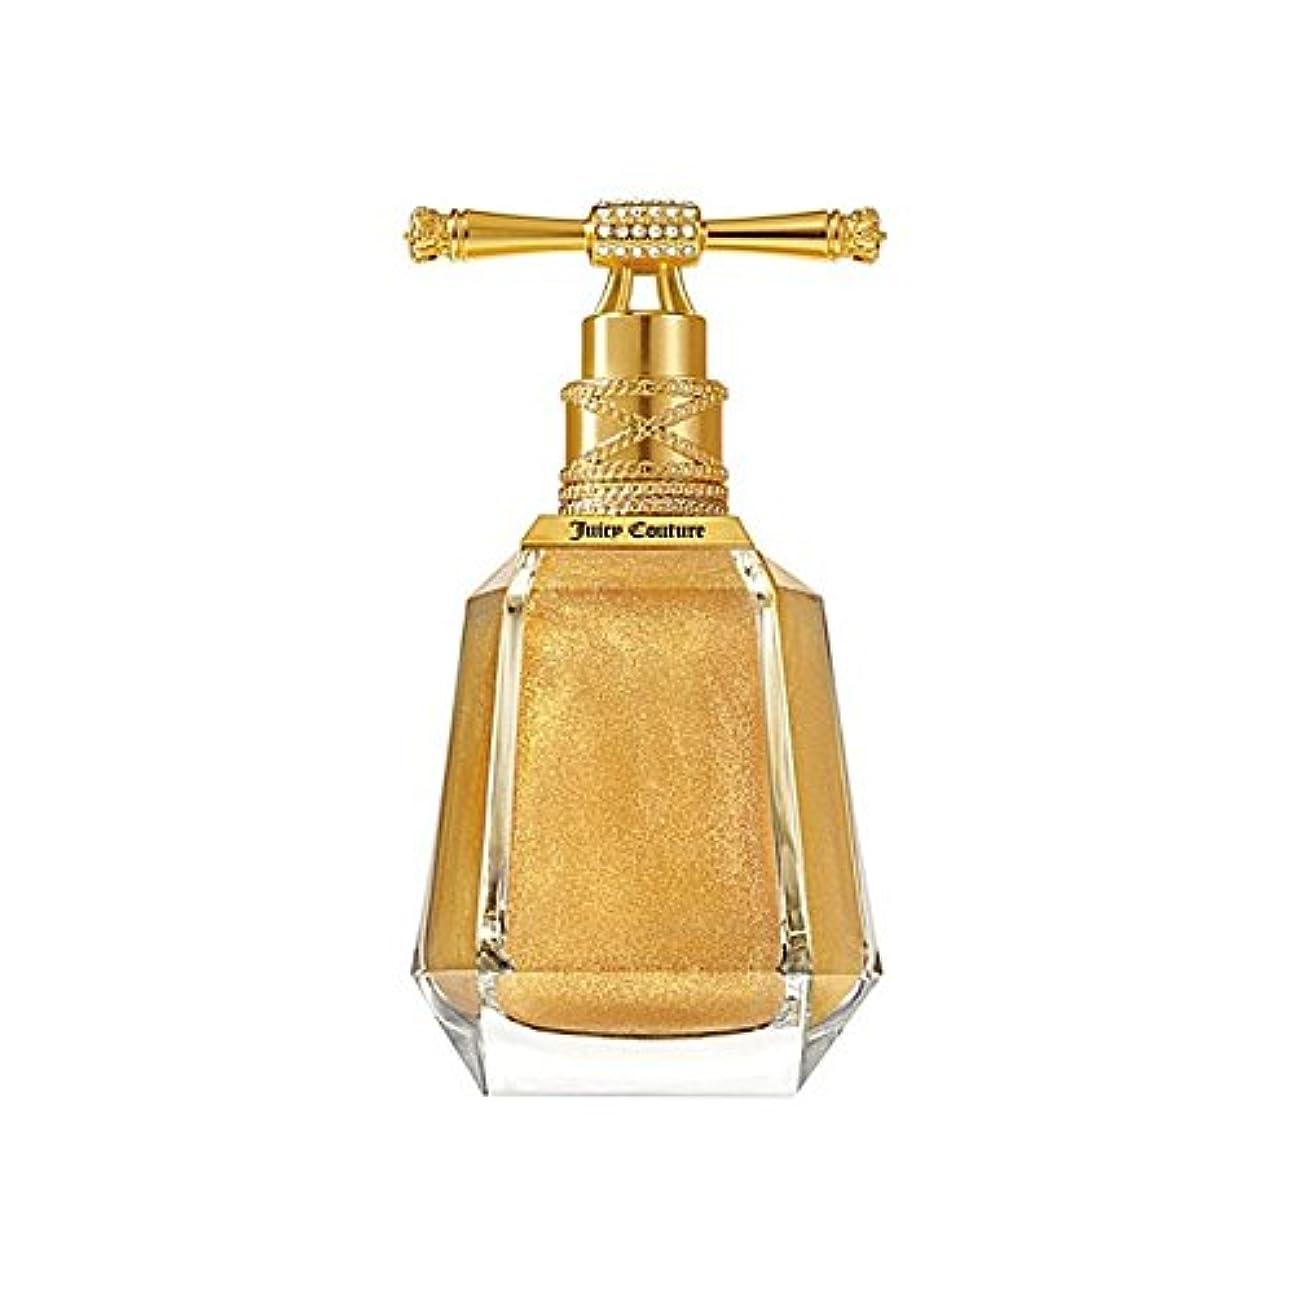 乗って衰える記憶に残るJuicy Couture Dry Oil Shimmer Mist 100ml - ジューシークチュールドライオイルきらめきミスト100ミリリットル [並行輸入品]